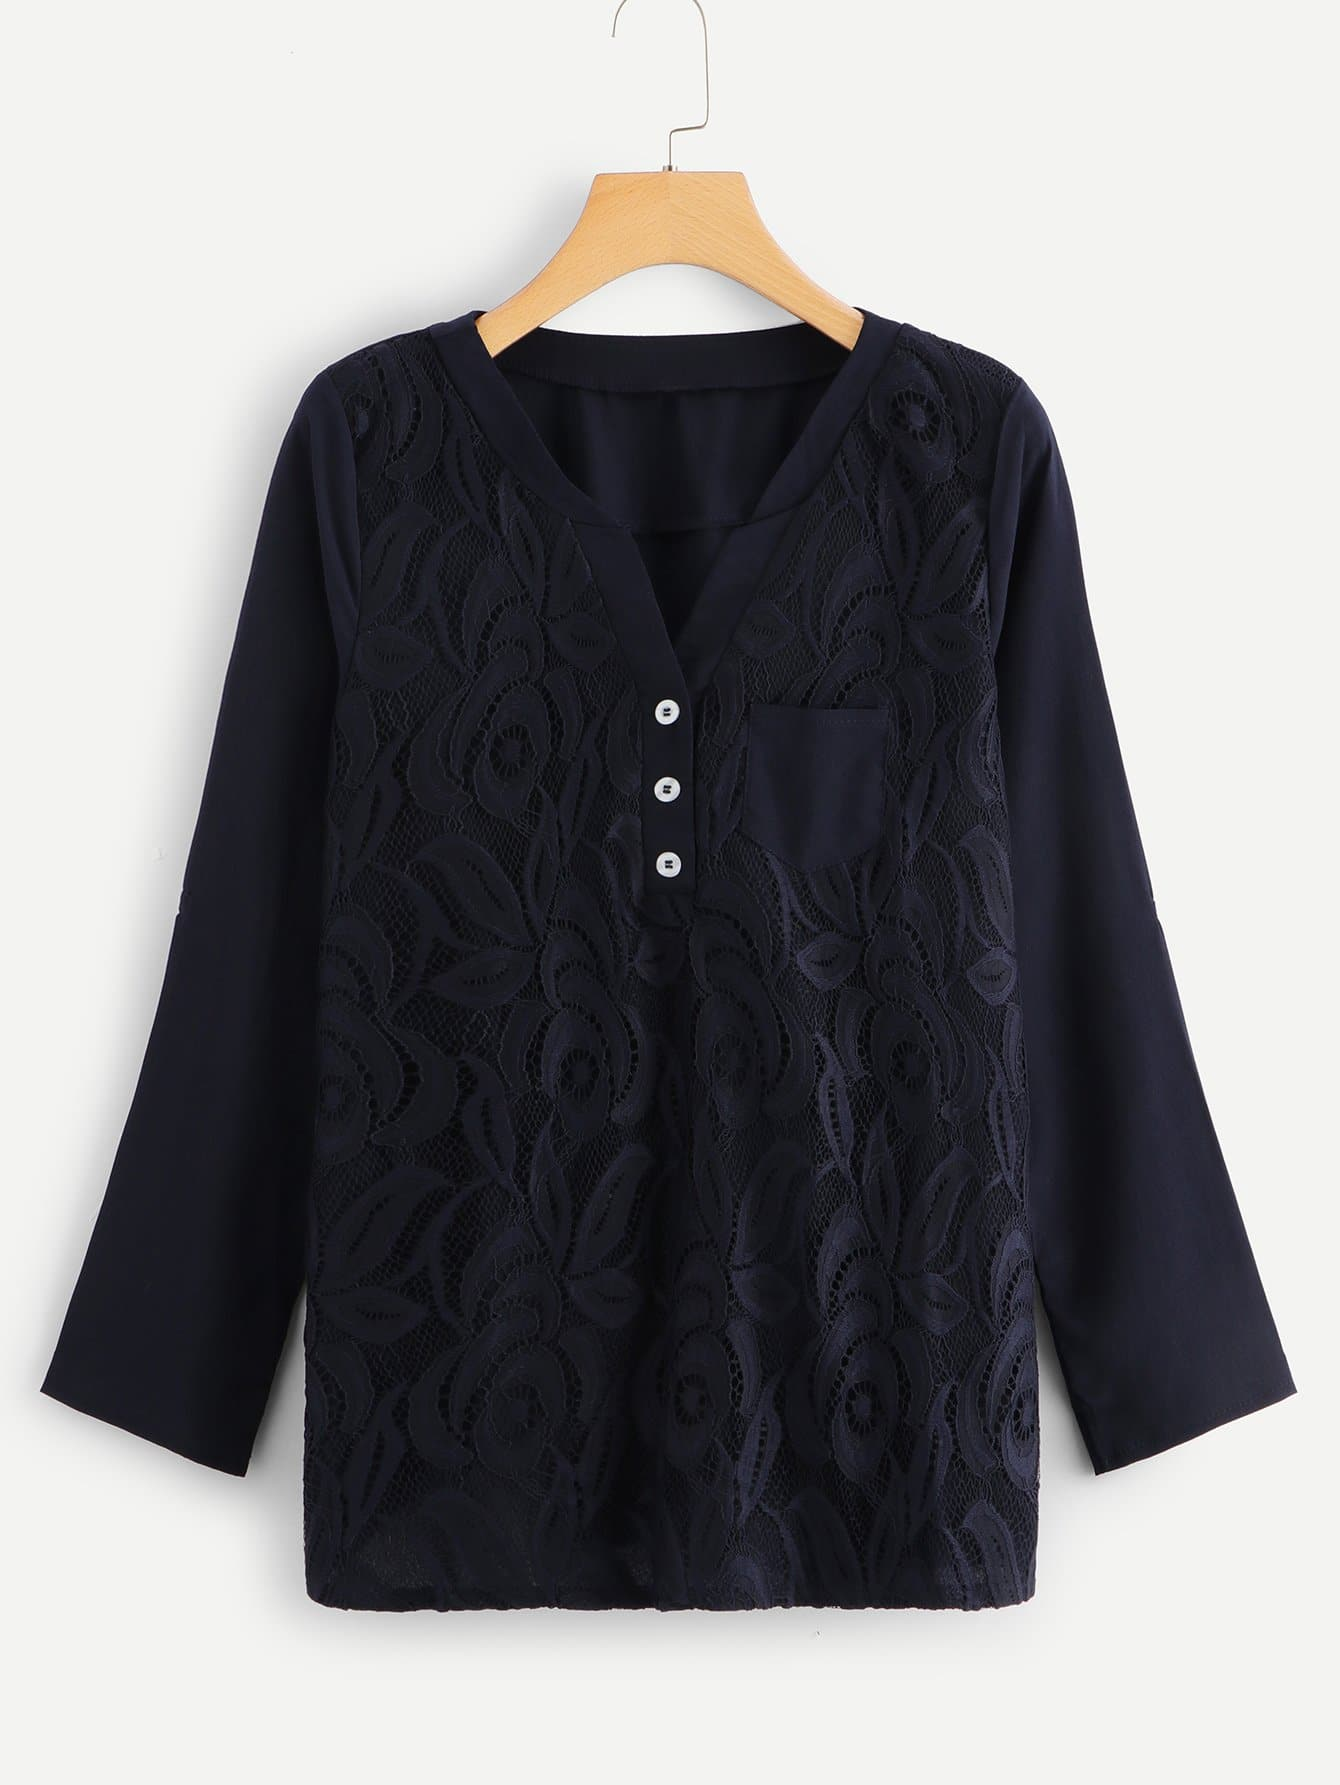 Купить Кружевная блузка с v-образным вырезом, null, SheIn